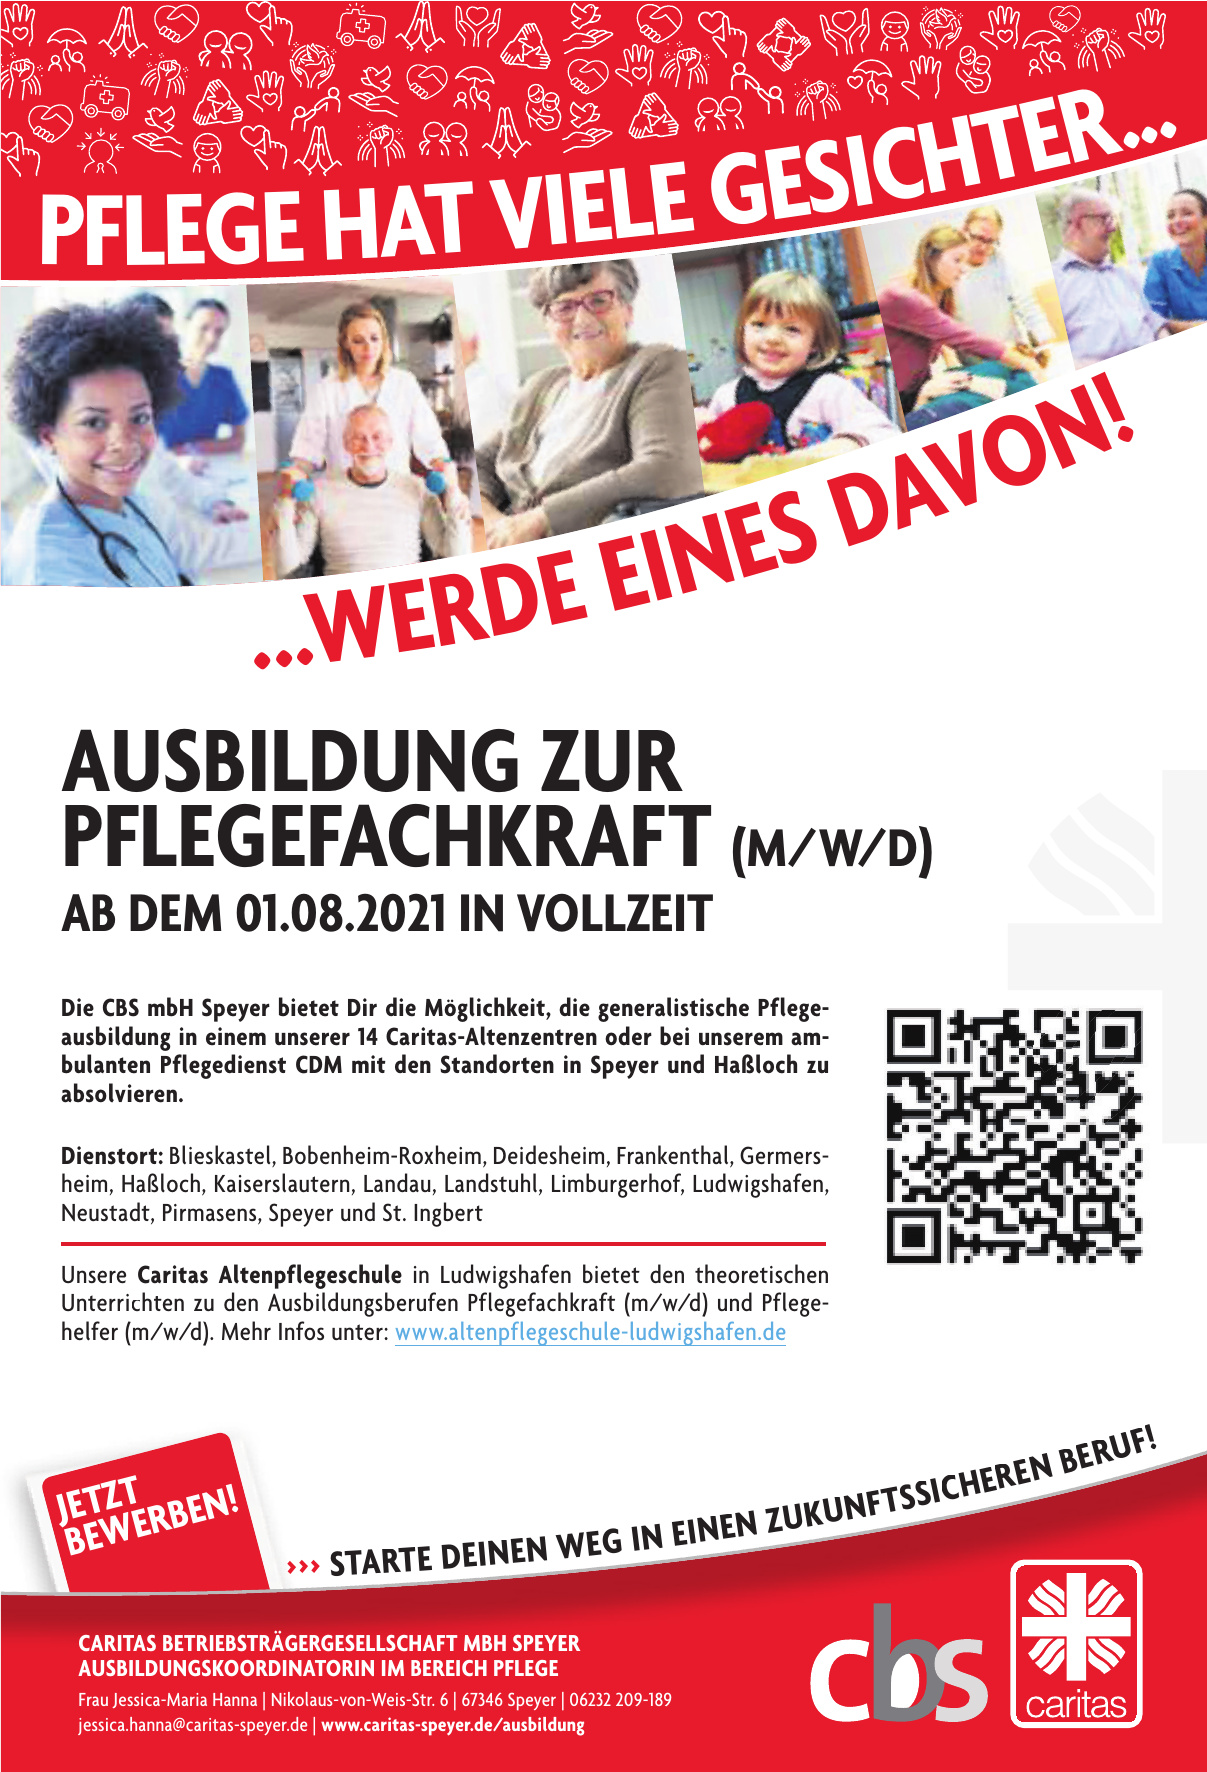 Caritas Betriebsträgergesellschaft MbH Speyer